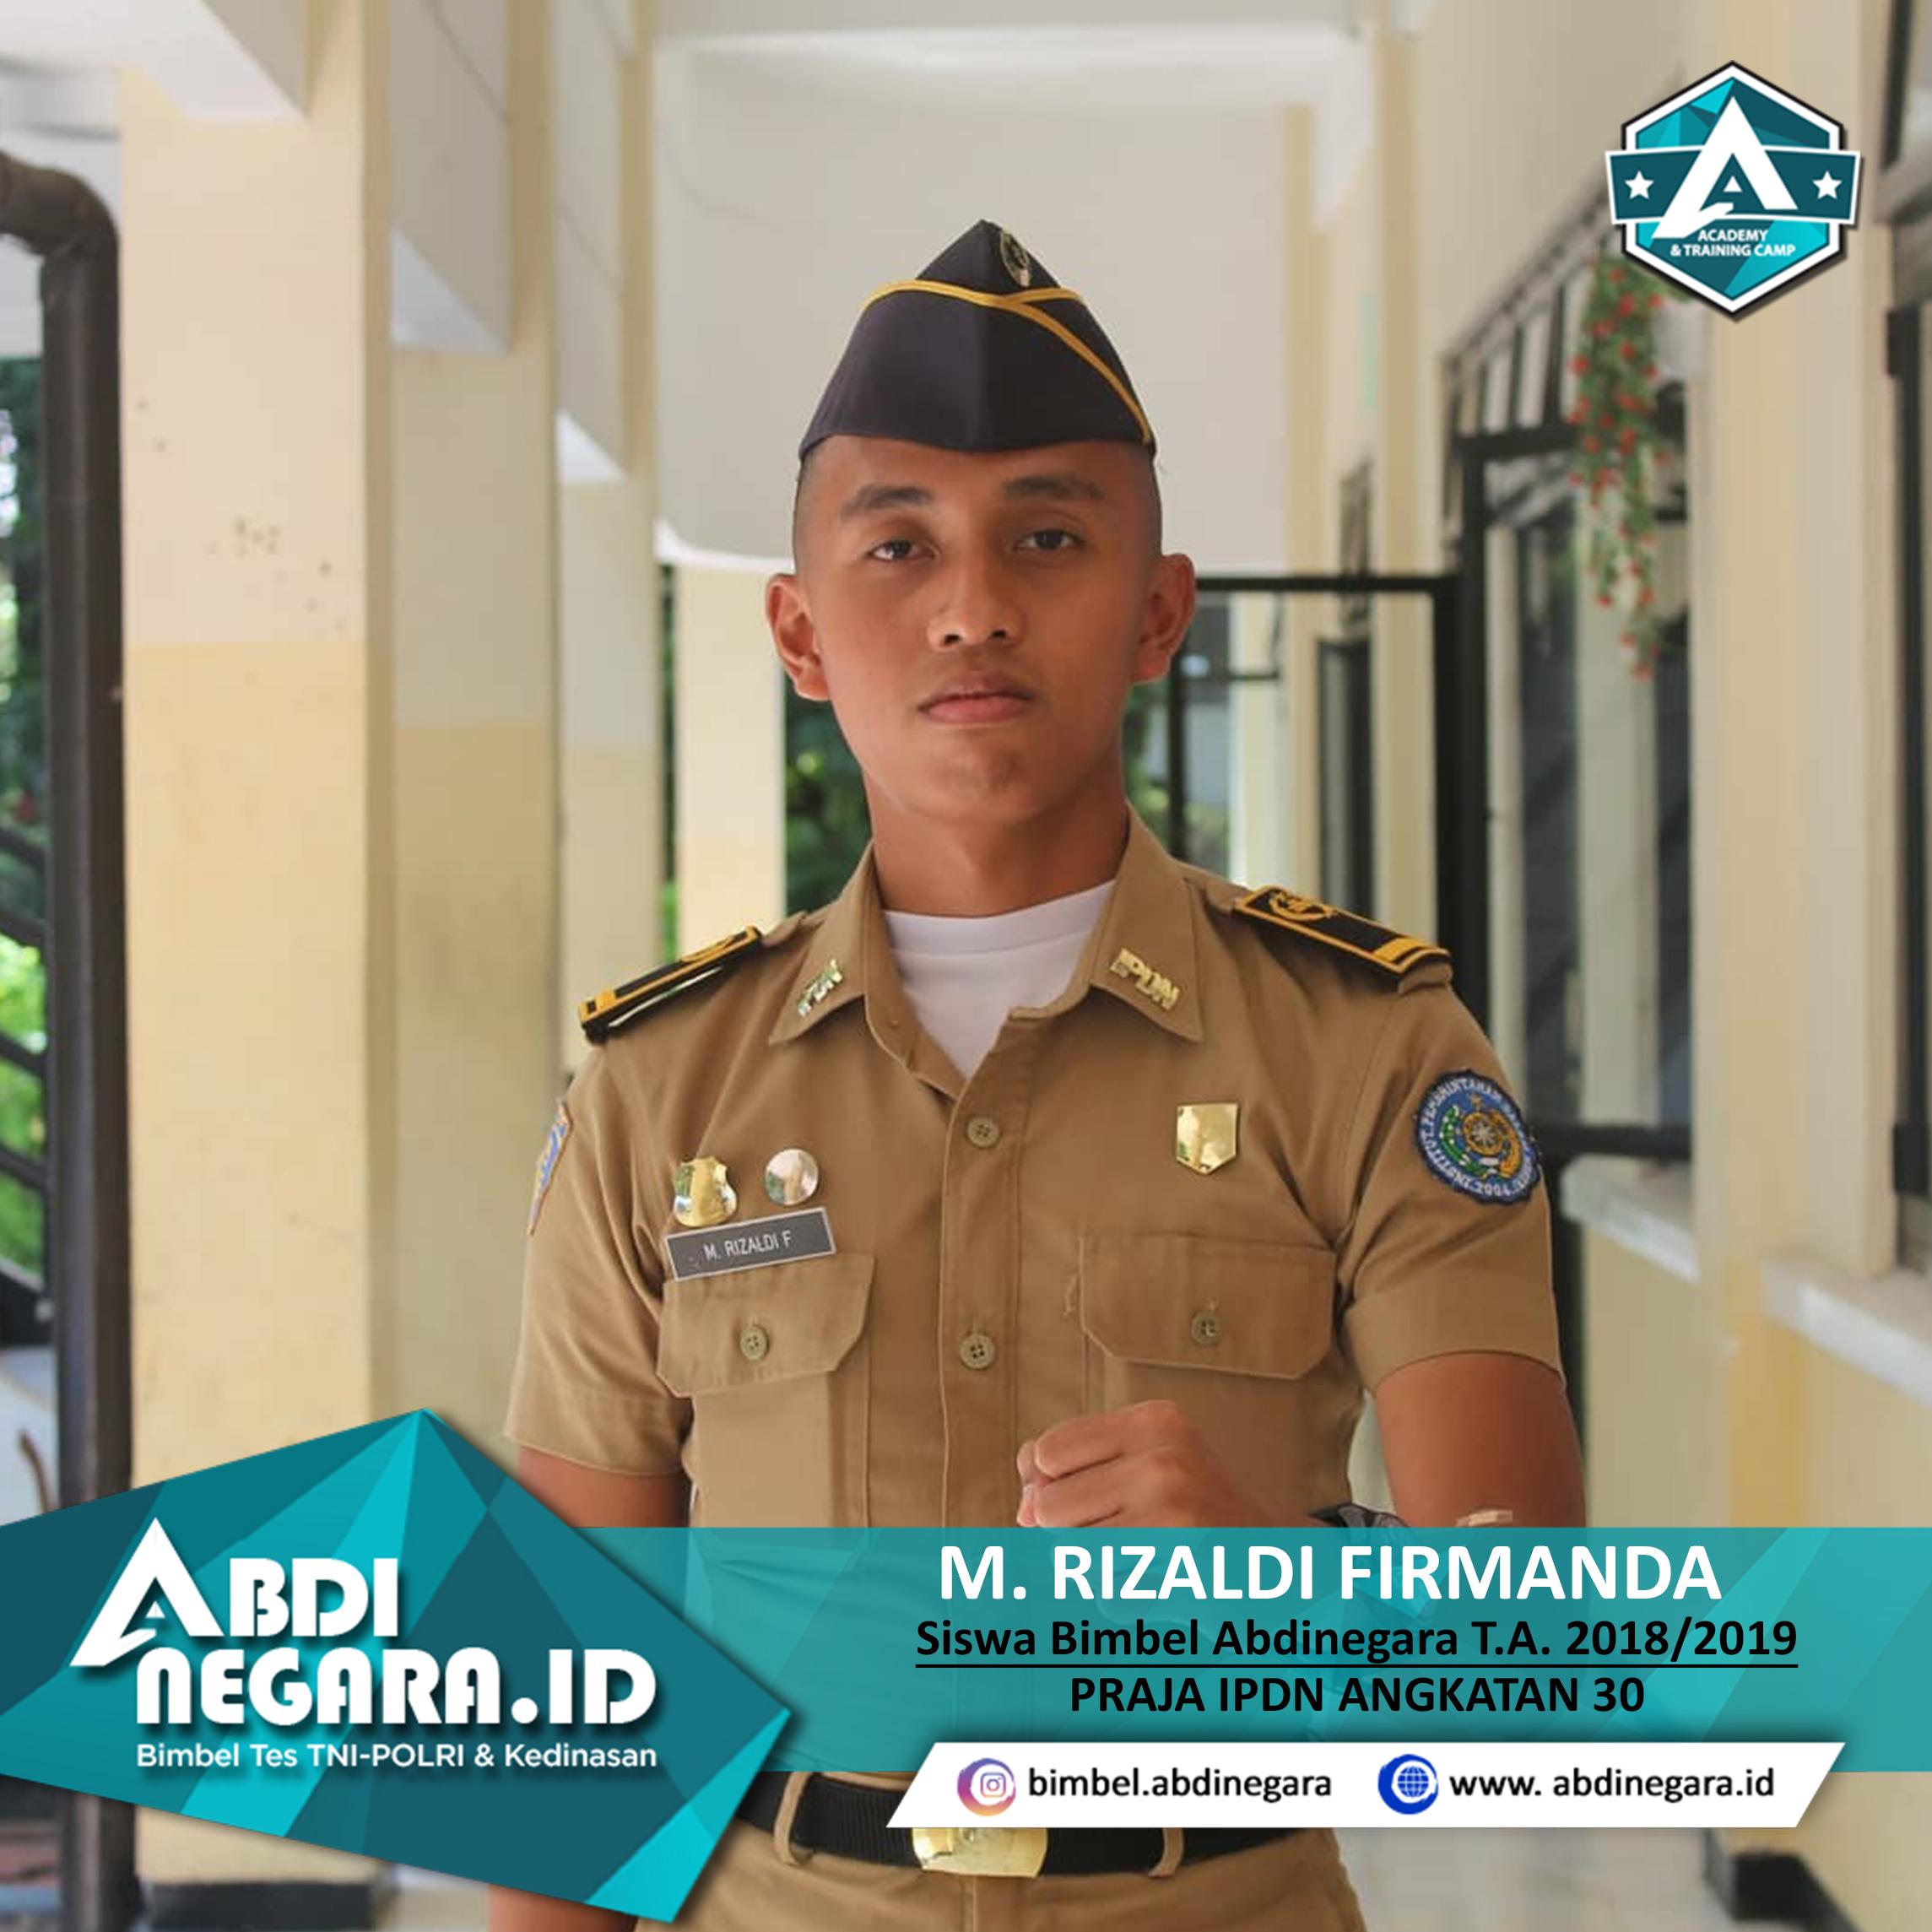 RIZALDI IPDN